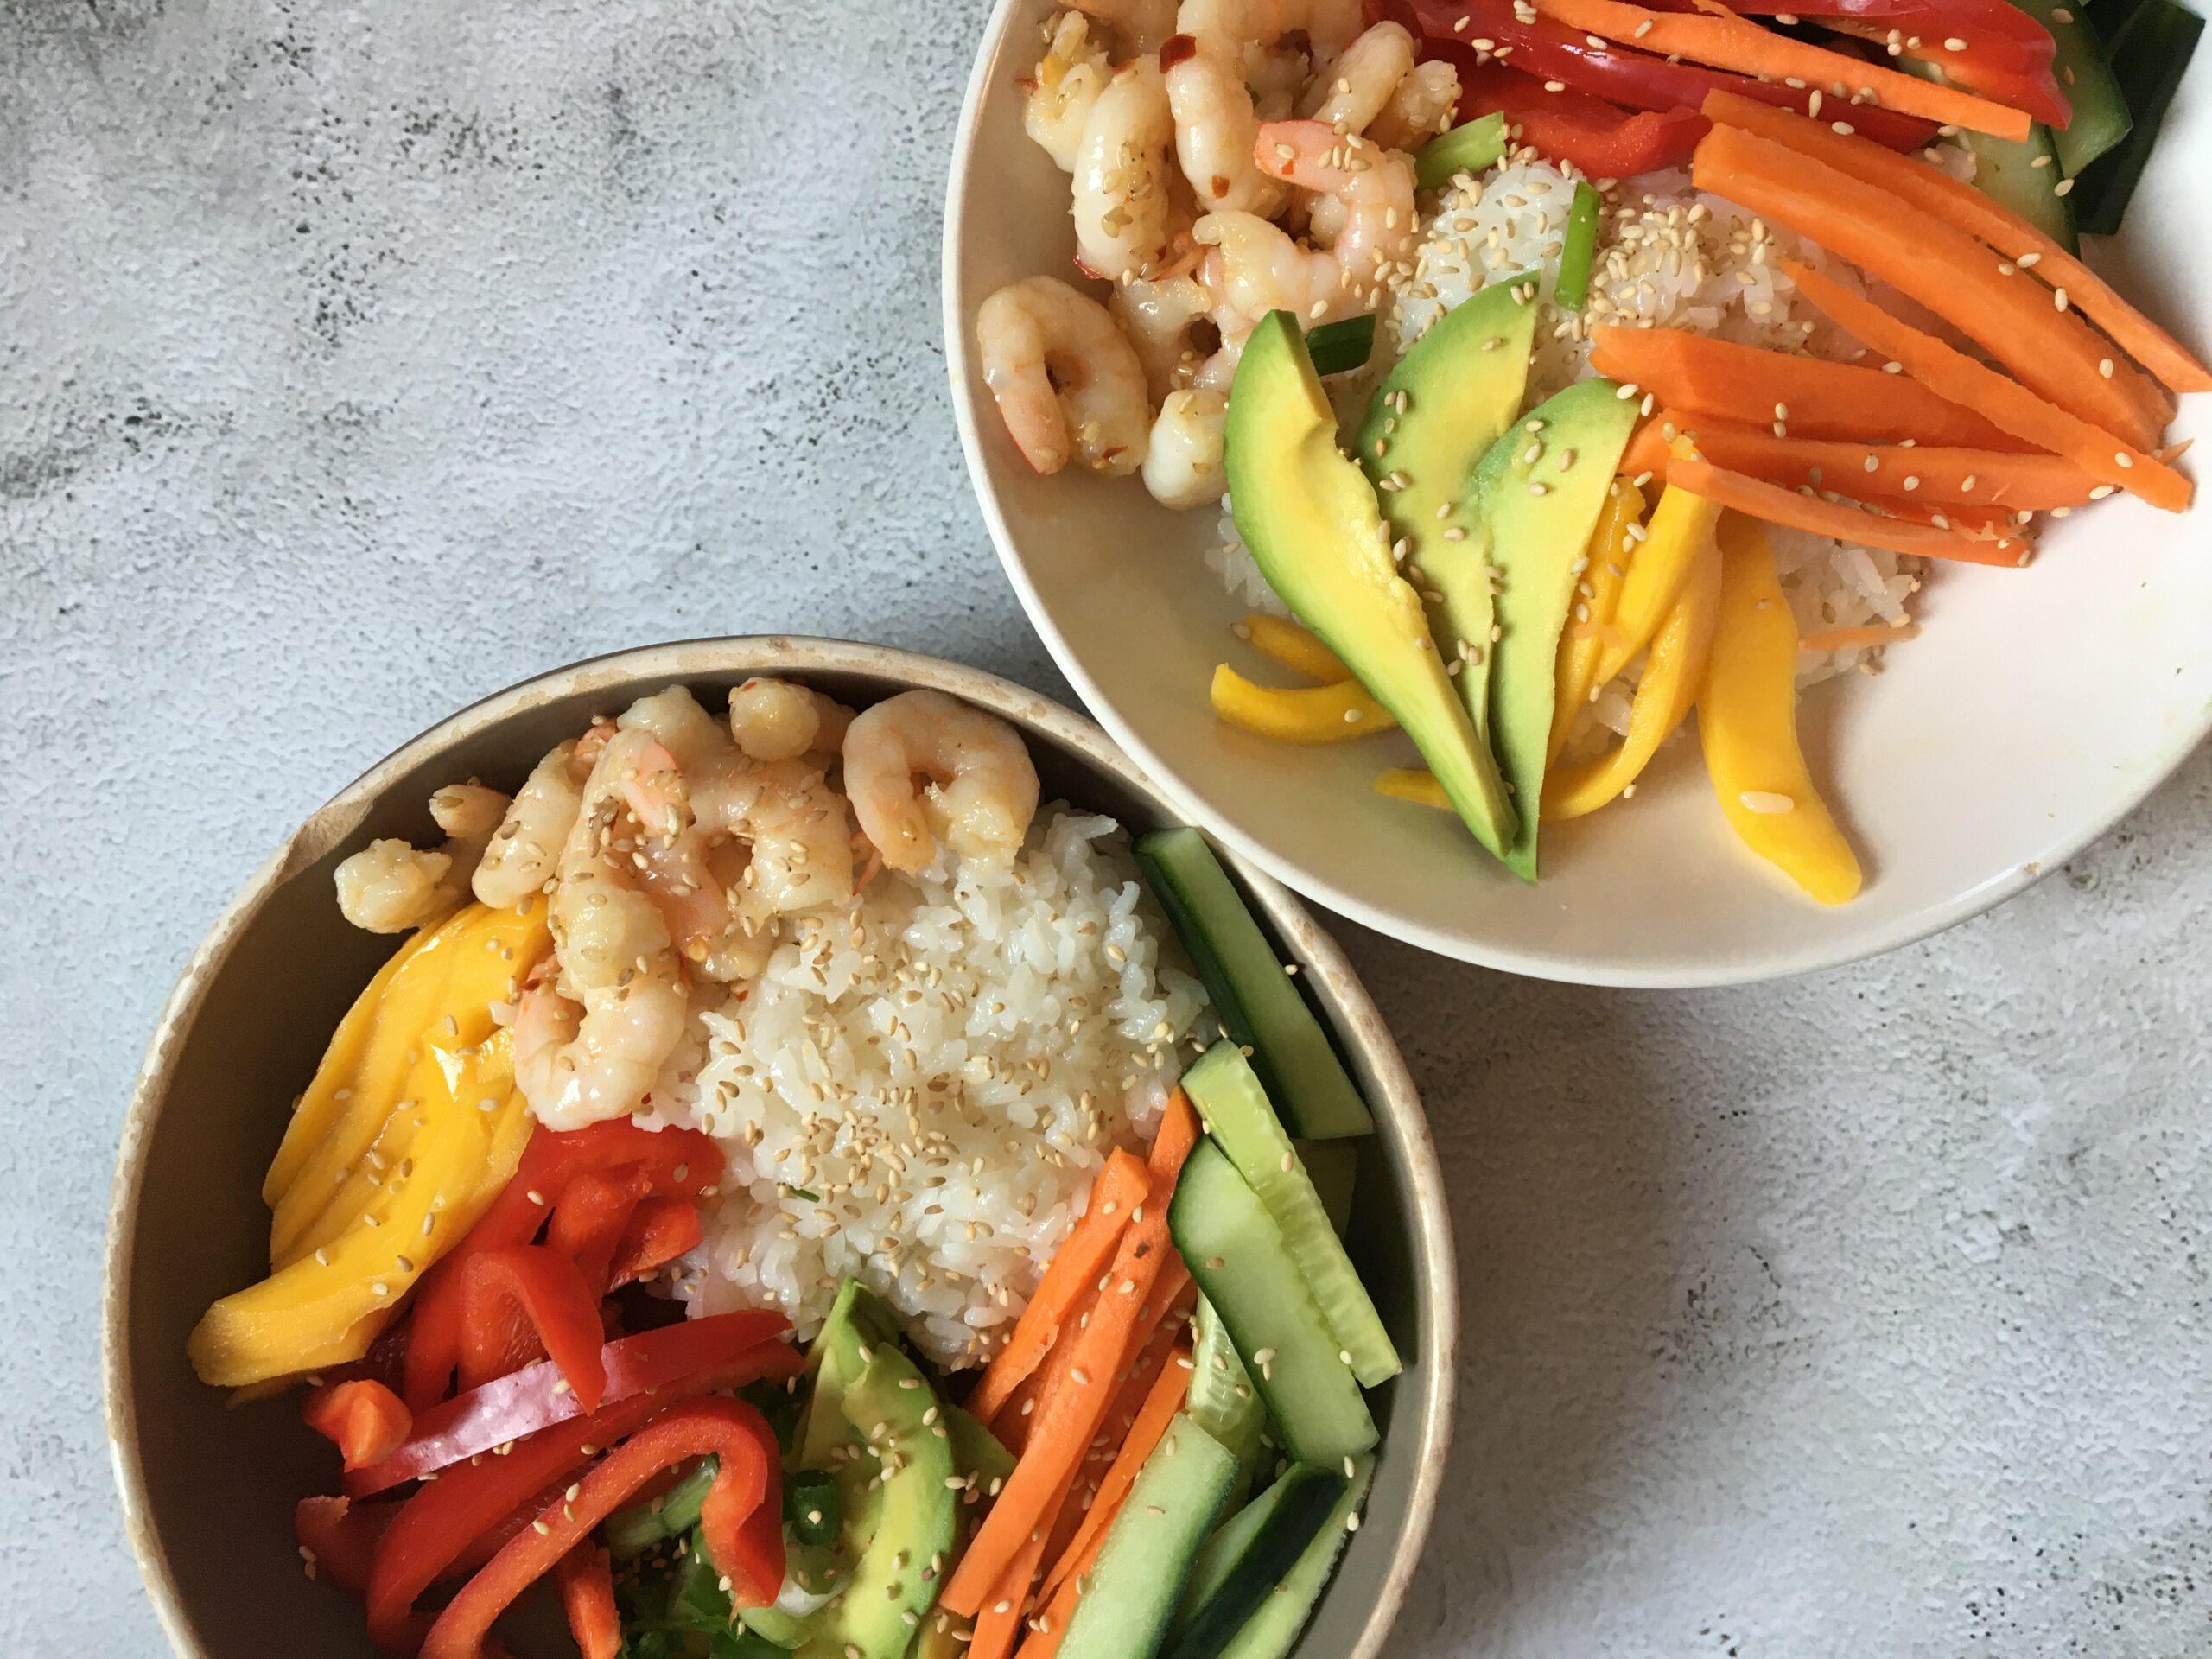 Rainbow pokébowl with shrimps